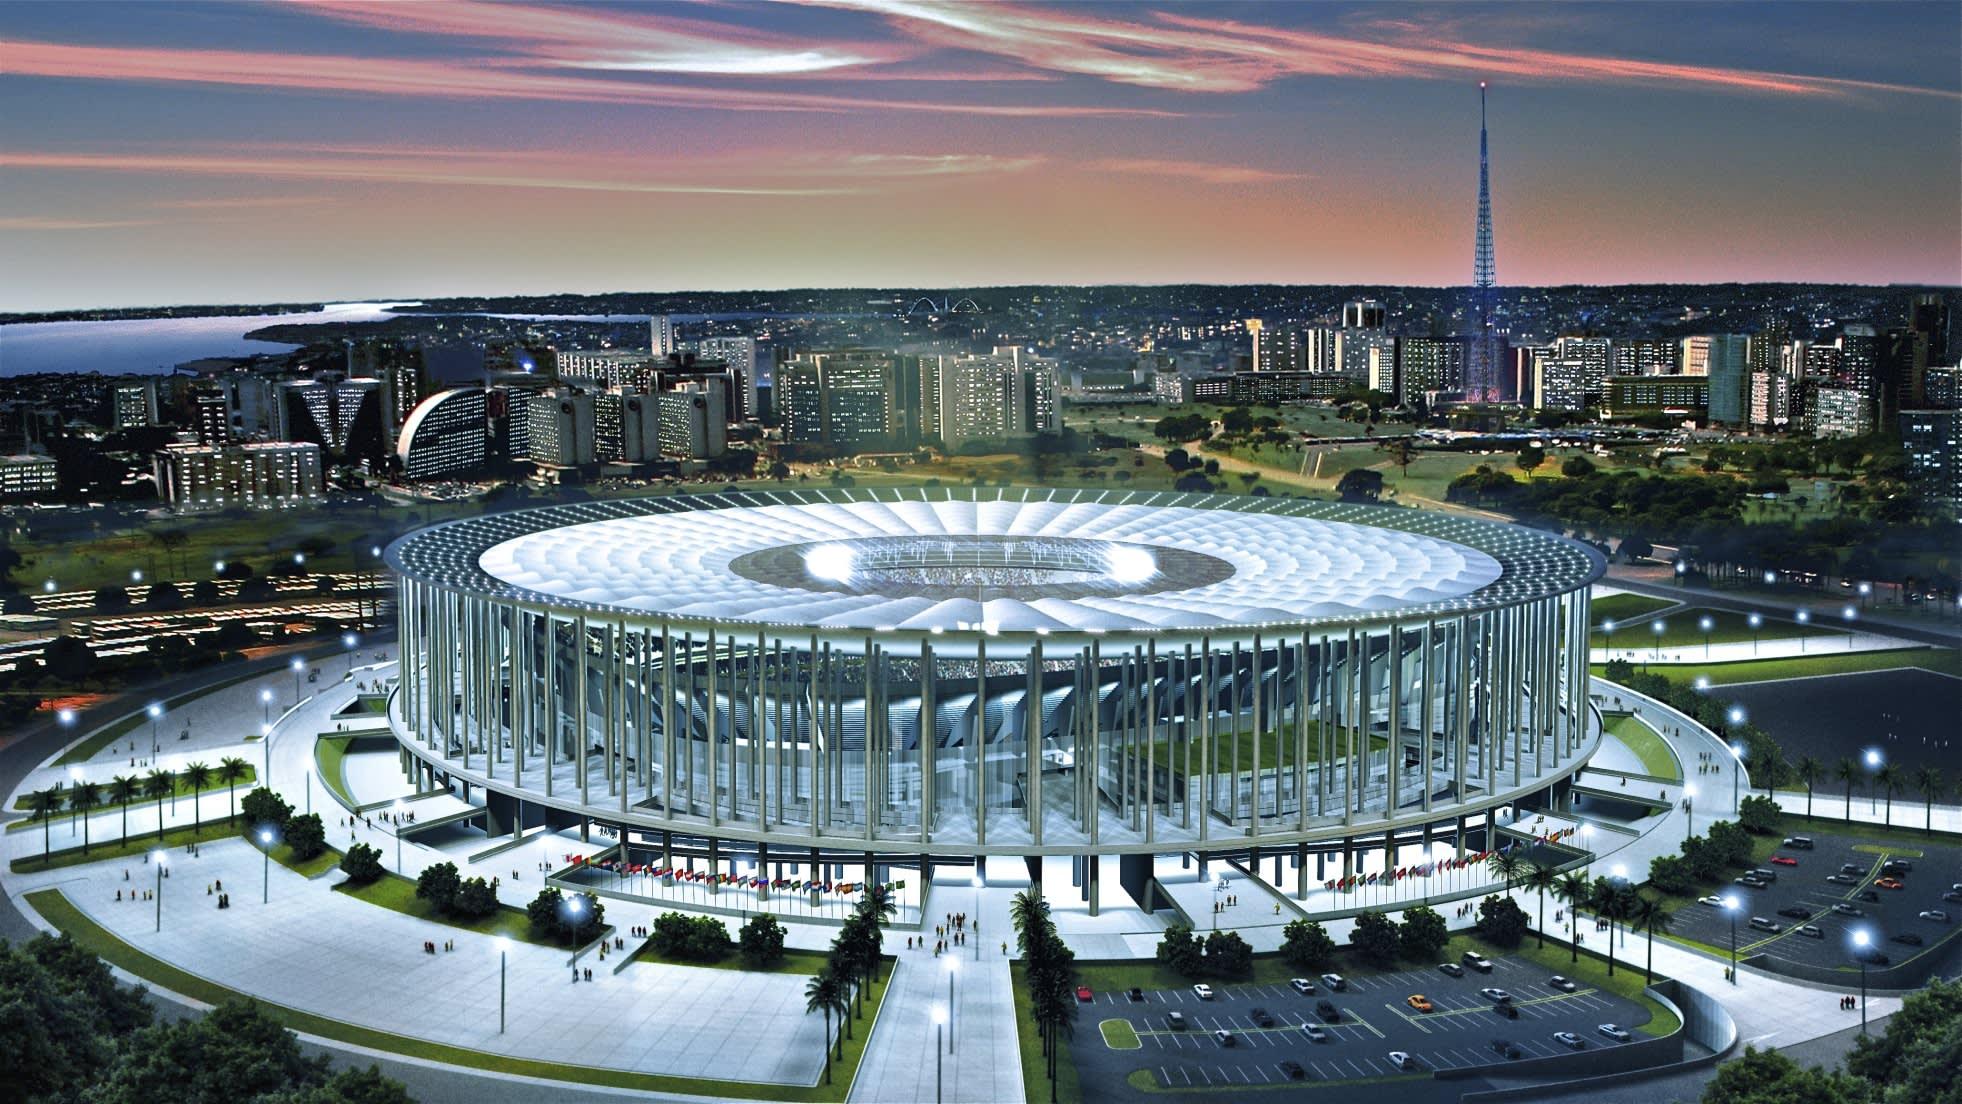 巴 西 新 首 都 ( 圖 片 來 源 : goo.gl/1OStrn )